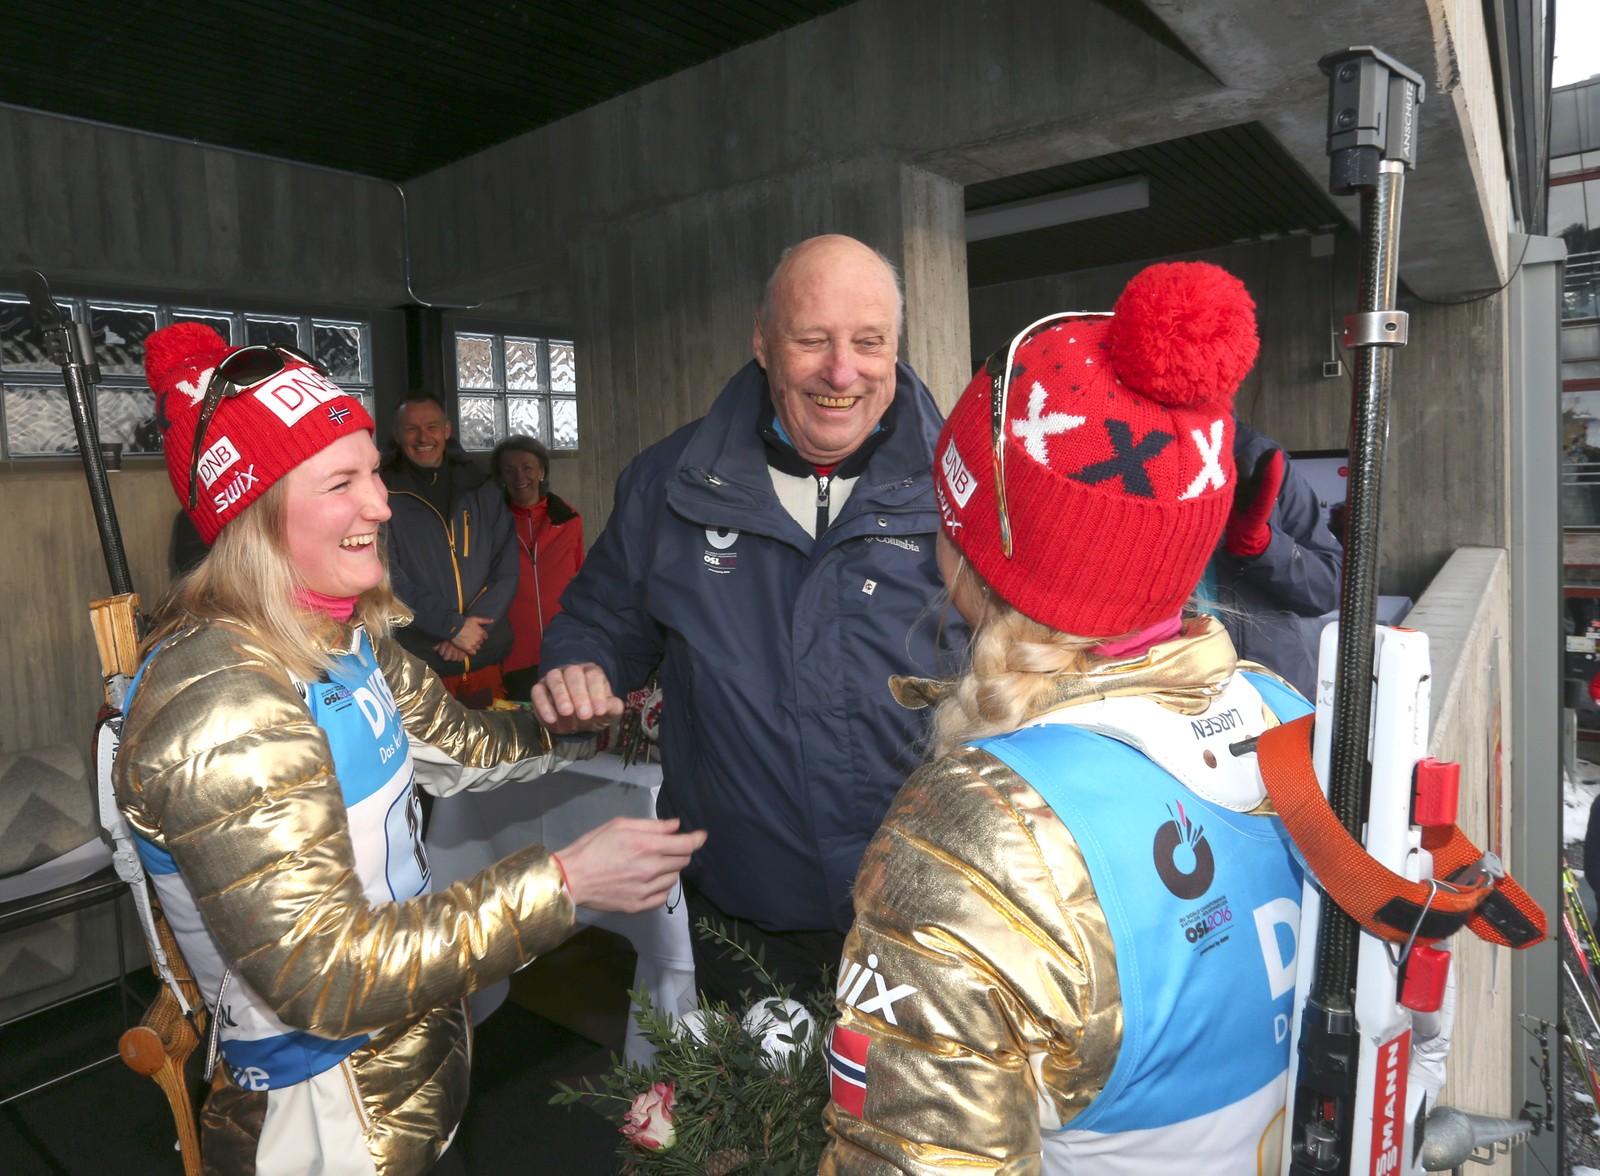 Stafett kvinner VM i skiskyting i Holmenkollen fredag. Kong Harald hilser på Marte Olsbu og Tiril Eckhoff (med ryggen til).